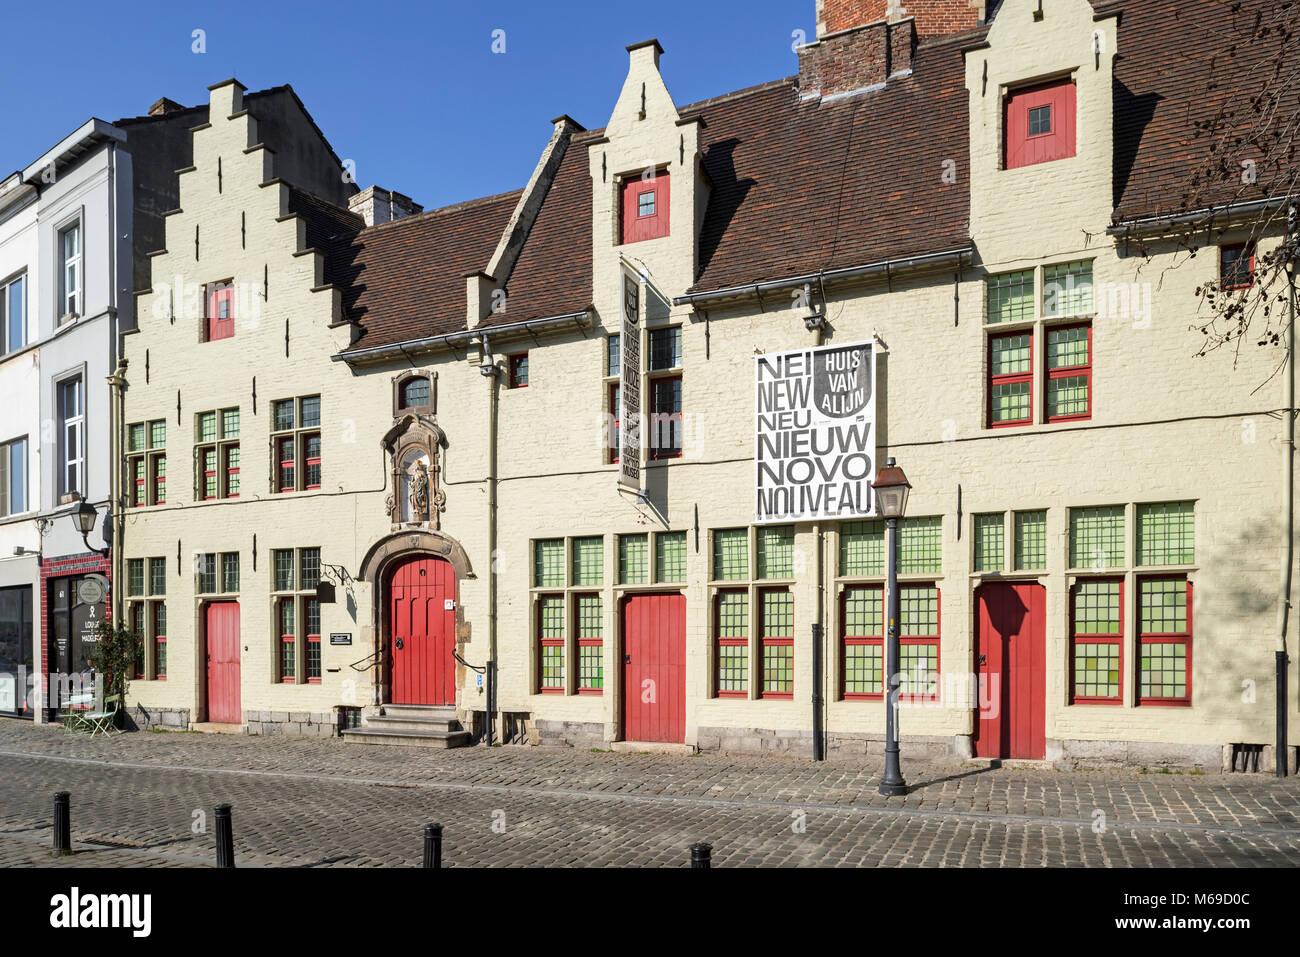 Huis van alijn alijn krankenhaus mittelalterliches haus von alijn